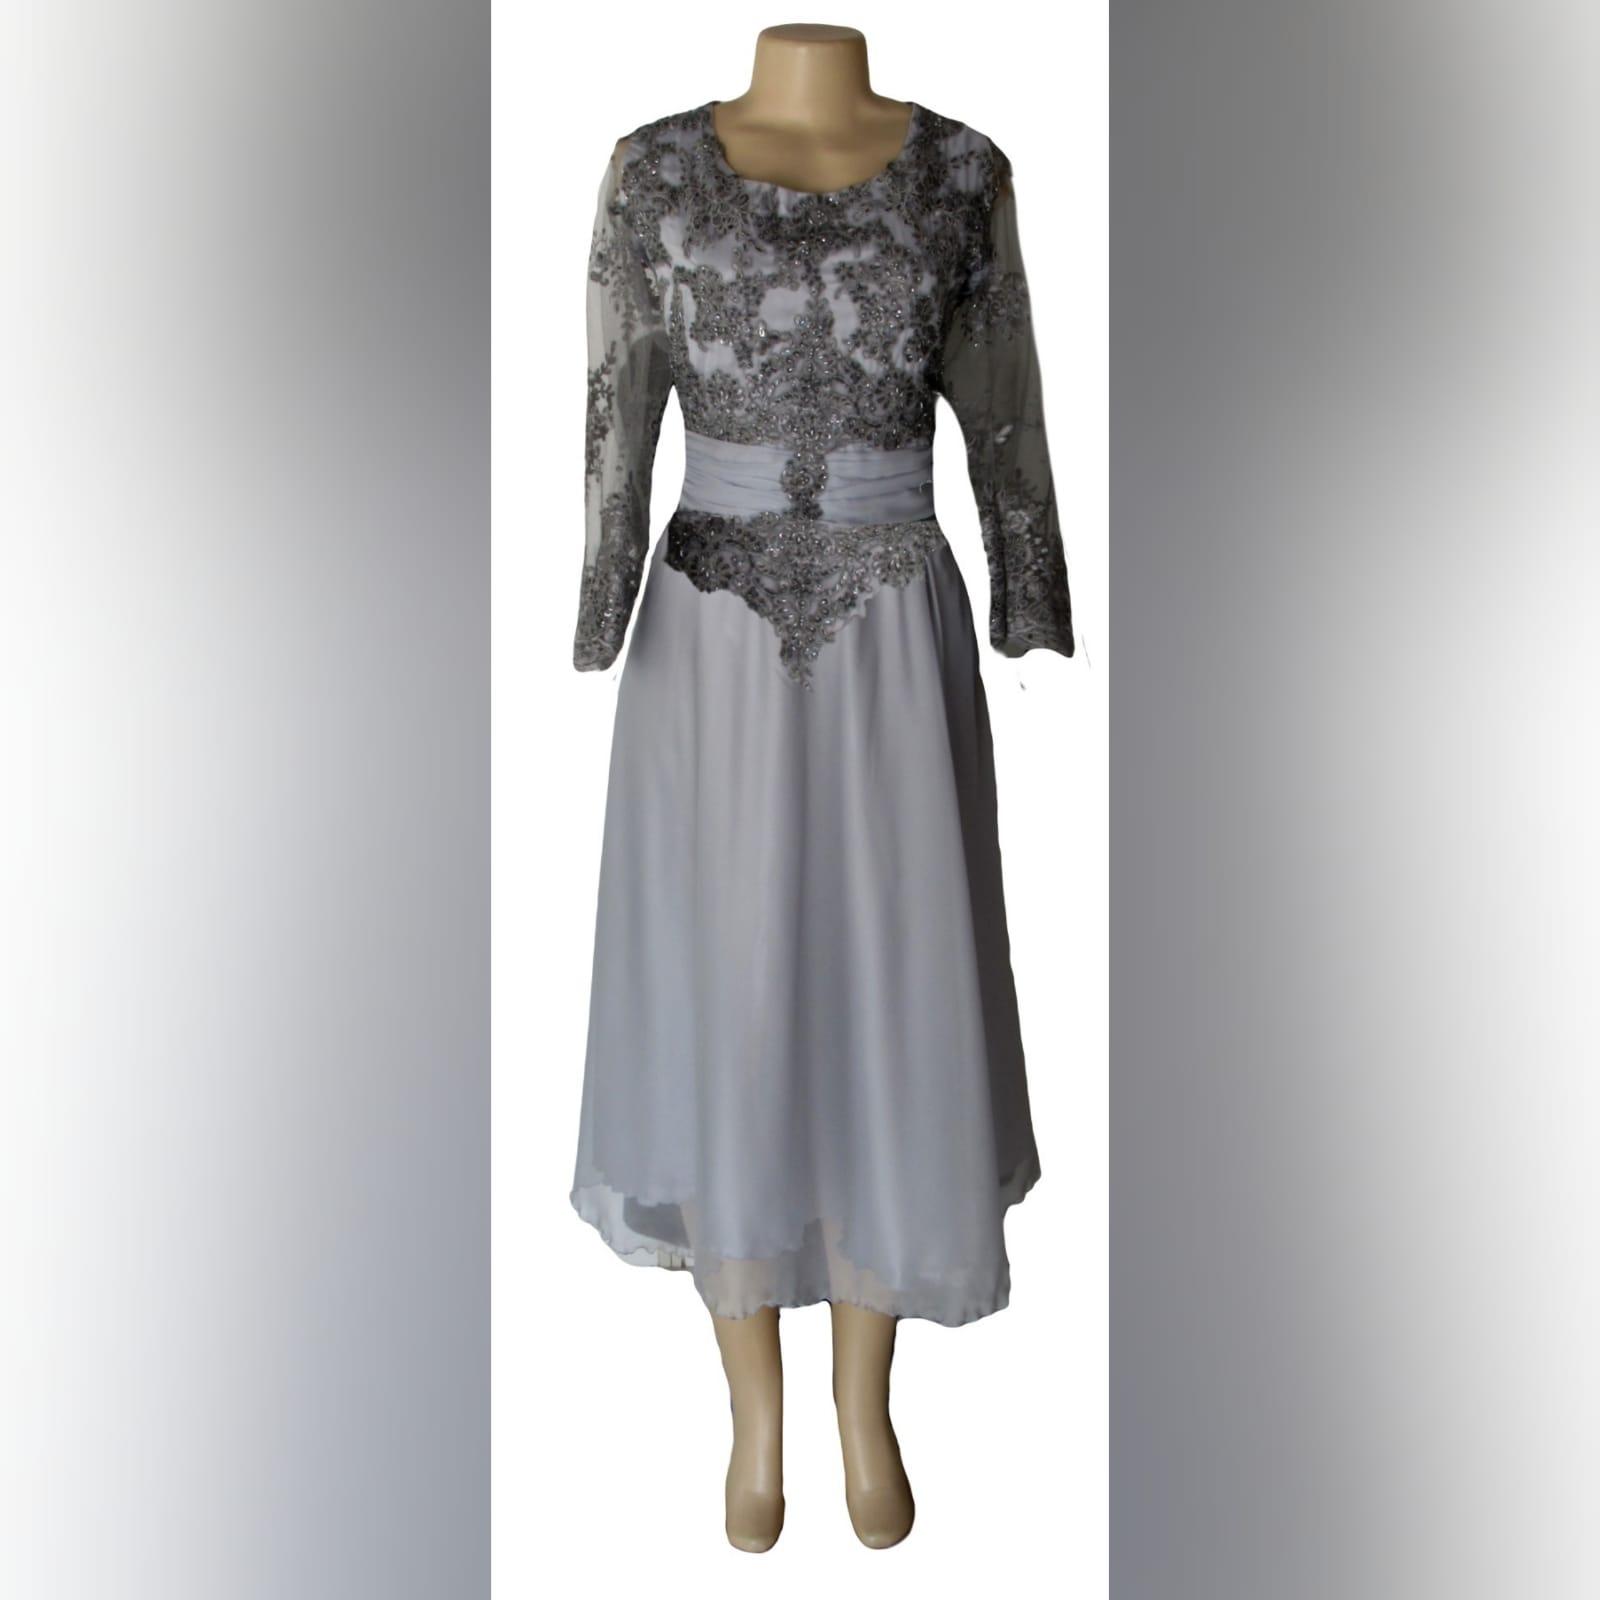 Vestido curto mãe da noiva cinzento 6 vestido da mãe da noiva comprimento de joelho cor cinza. Detalhado com um cinto reunido e rendas no corpete e mangas.